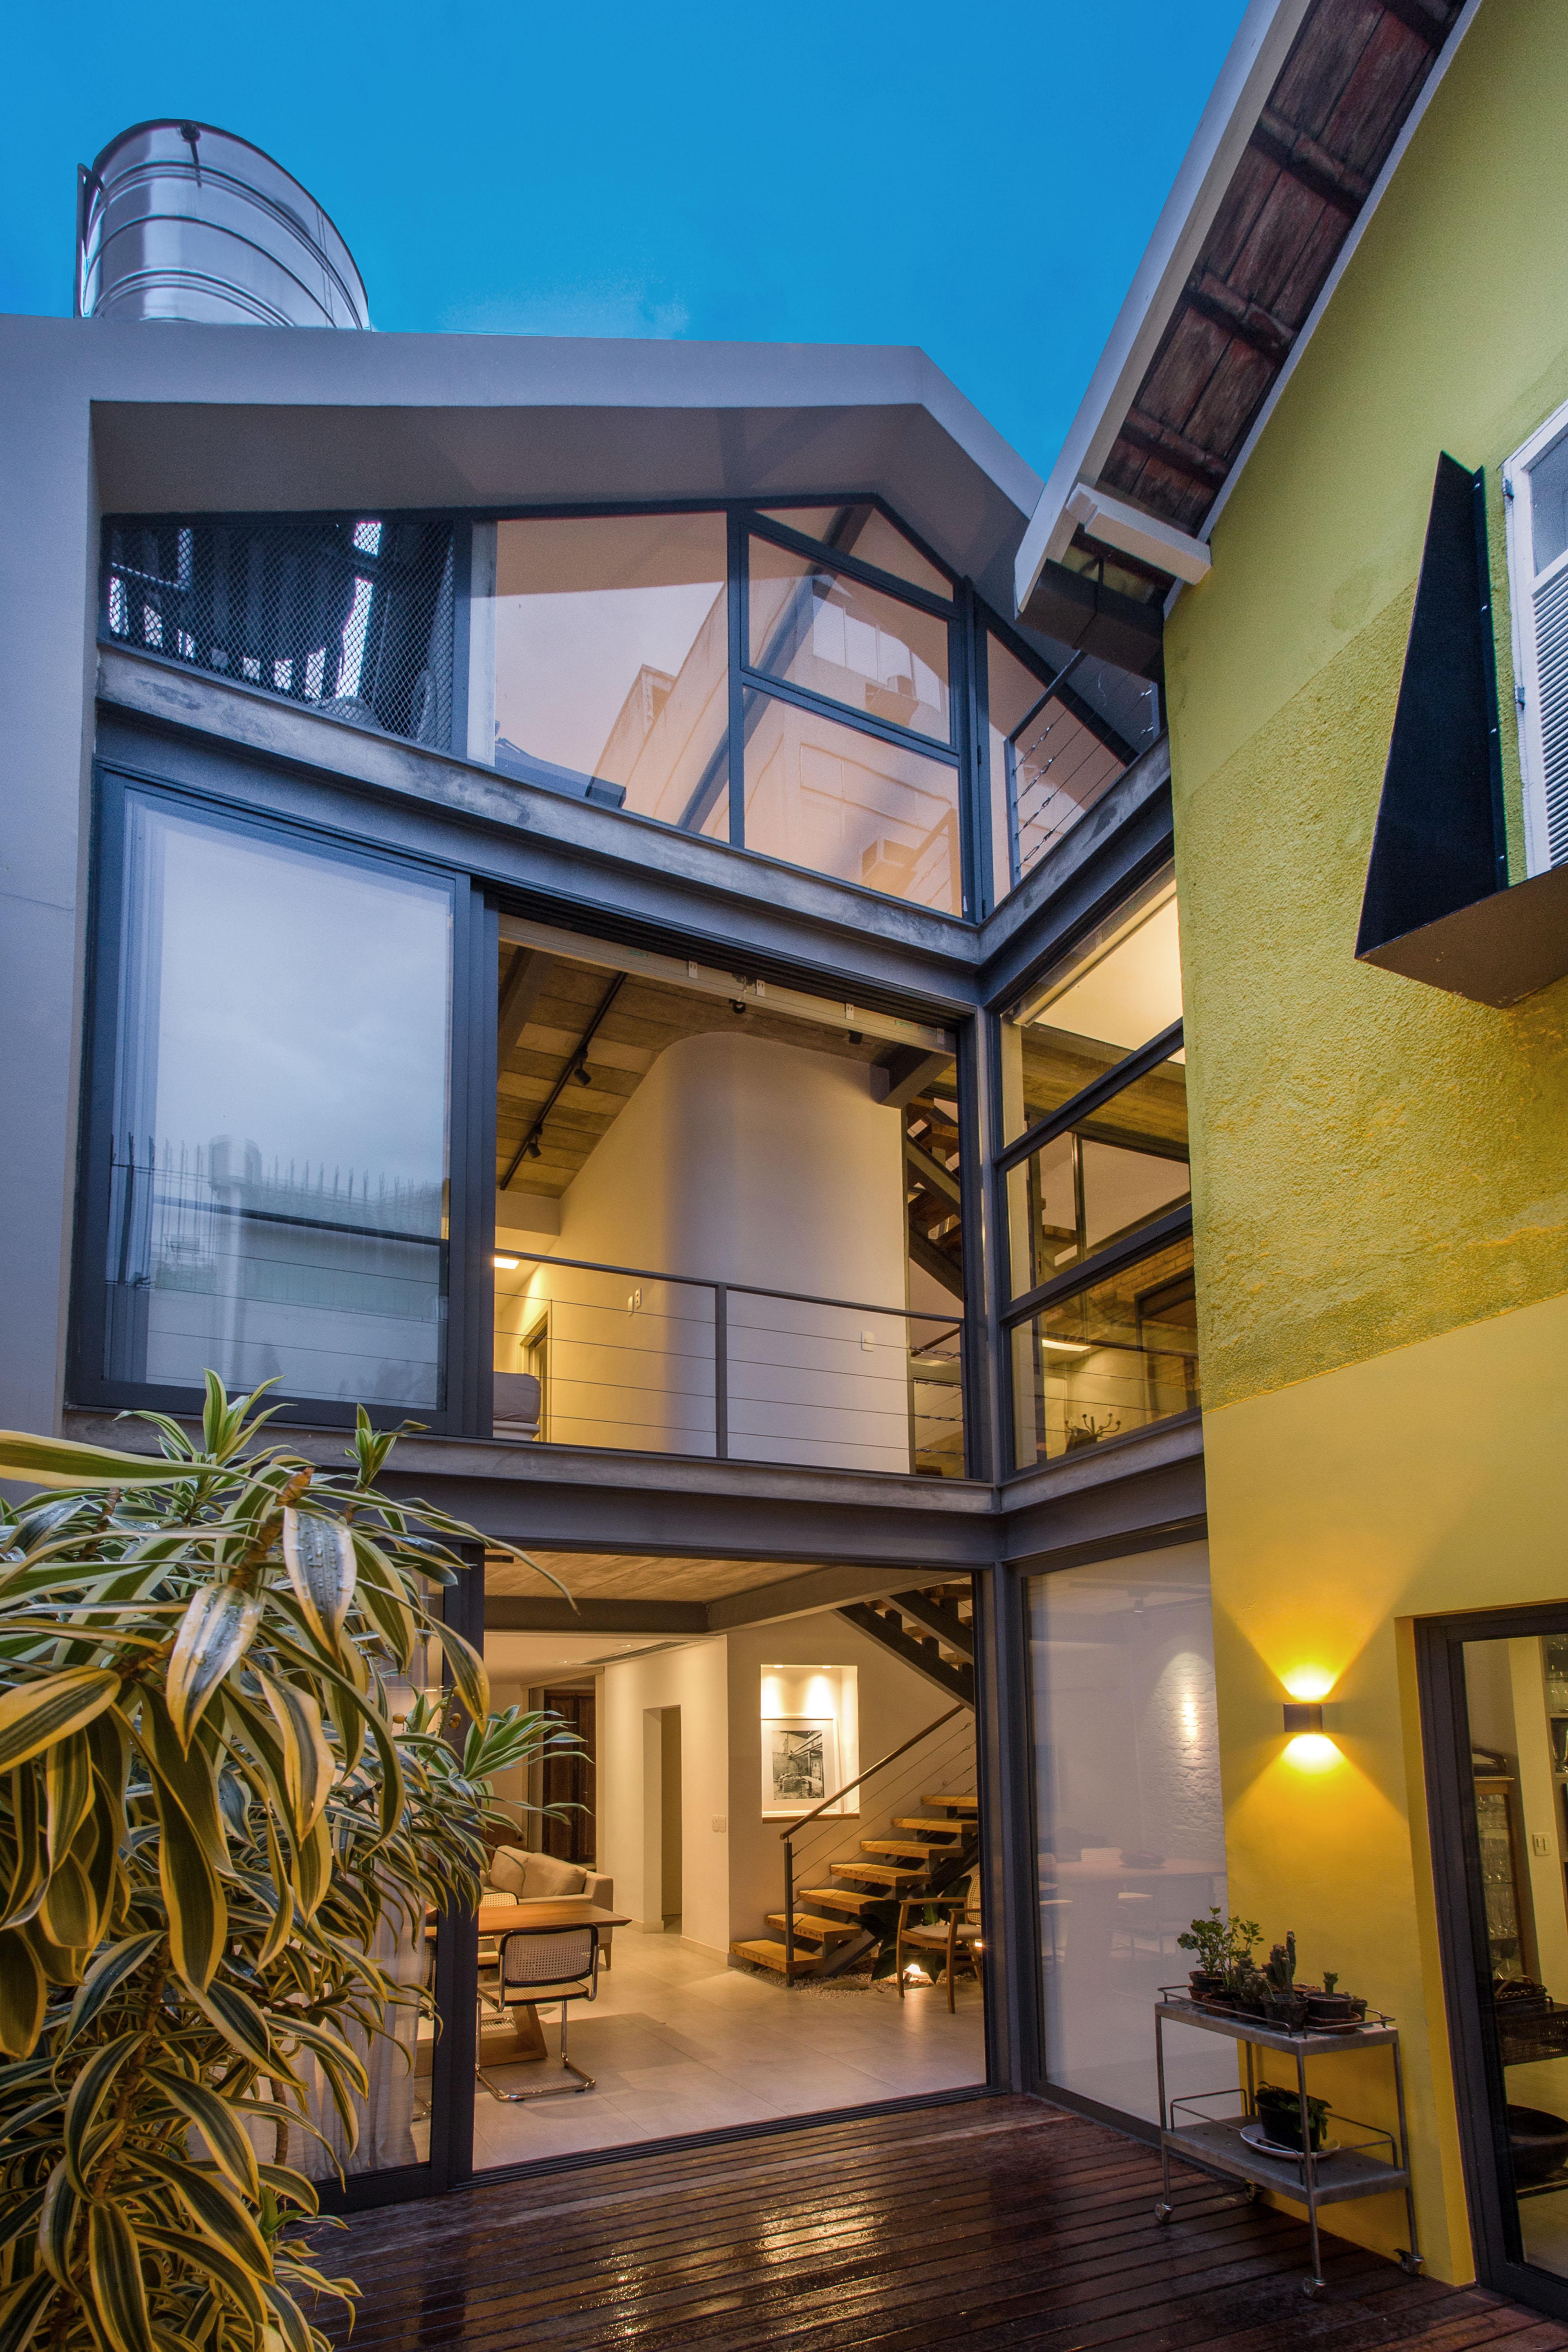 Casa_Baumann_Arquitetura_Retrofit_Patrimonio_Cultural_Restauro_Reforma_Construção_Sustentável_15-lev